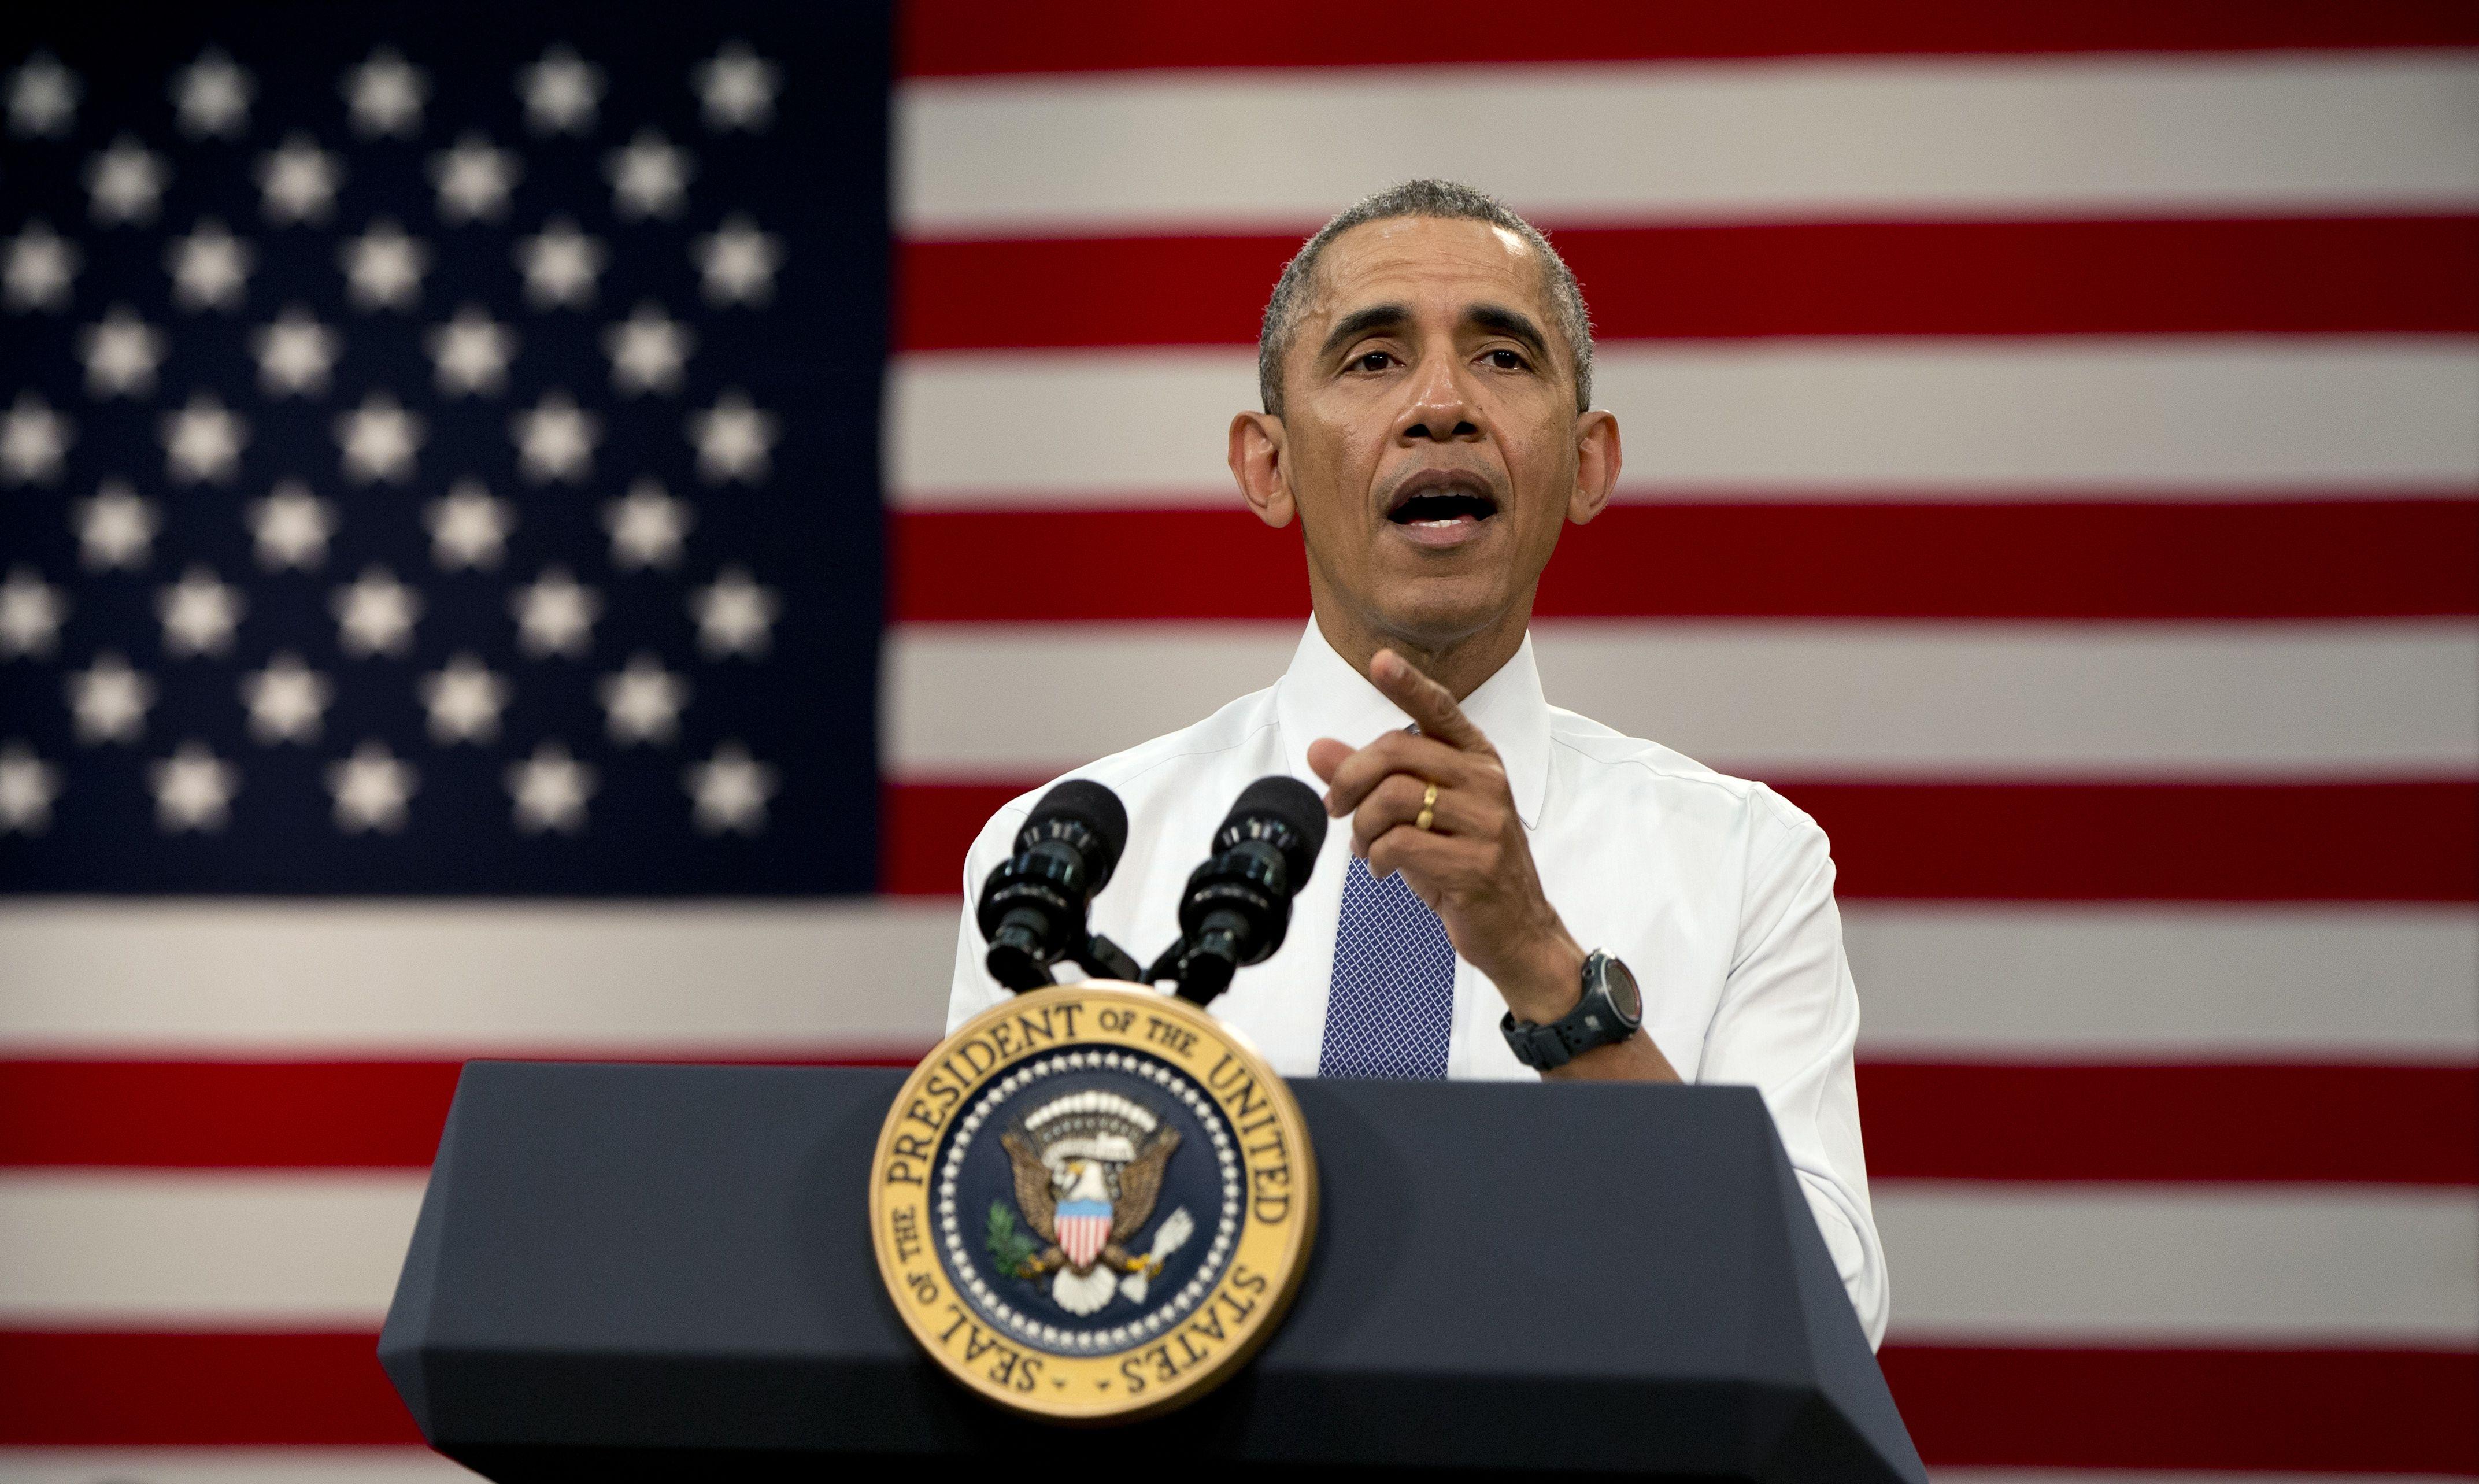 La decisión del presidente Barak Obama ubica a Venezuela como el primer adversario ideológico de Estados Unidos en el continente.